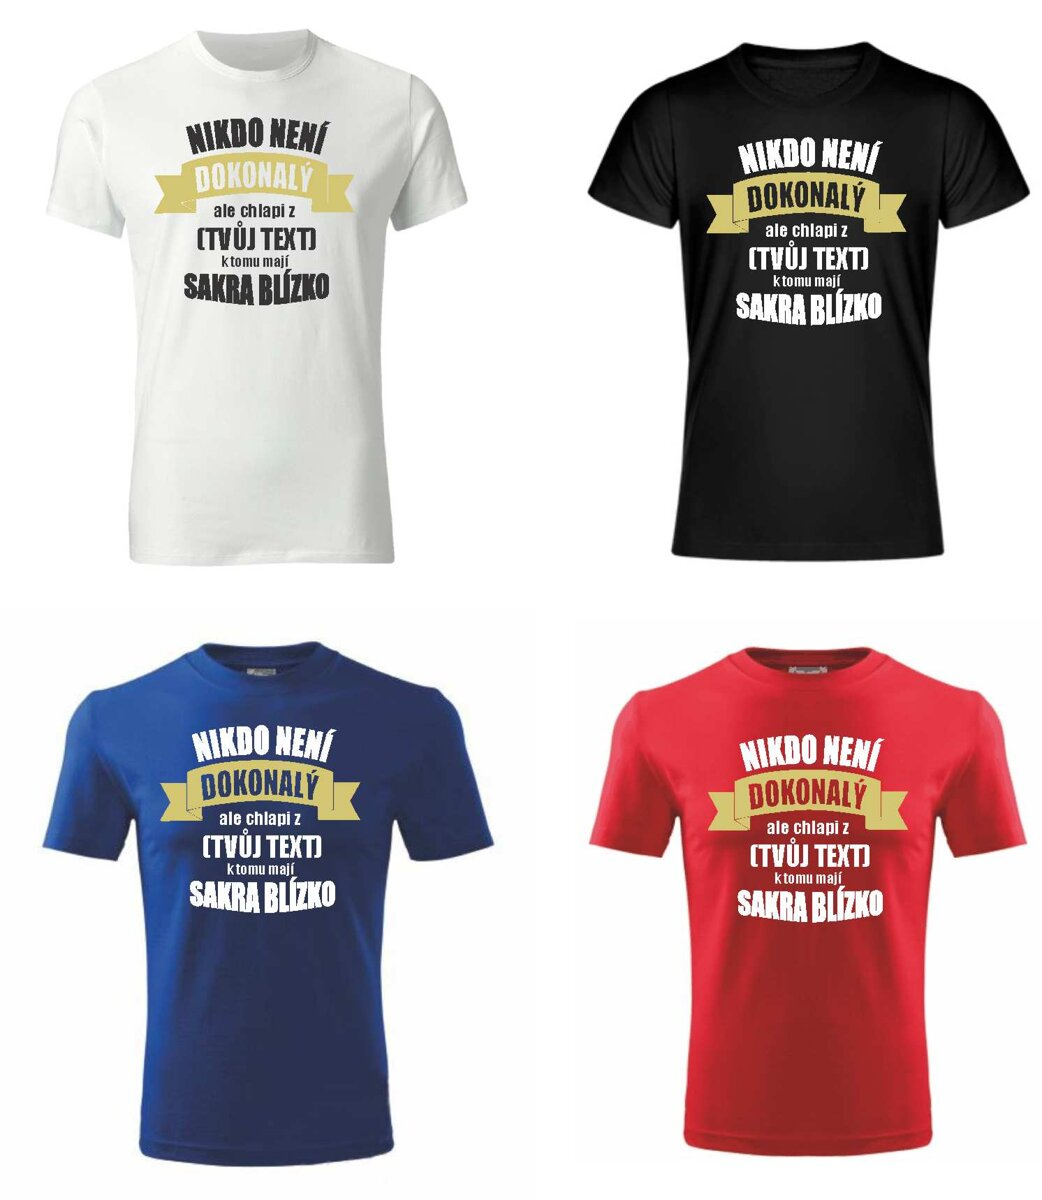 Narozeninové tričko - Nikdo není dokonalý ale chlapi z ... k tomu ... f36d96ce1a